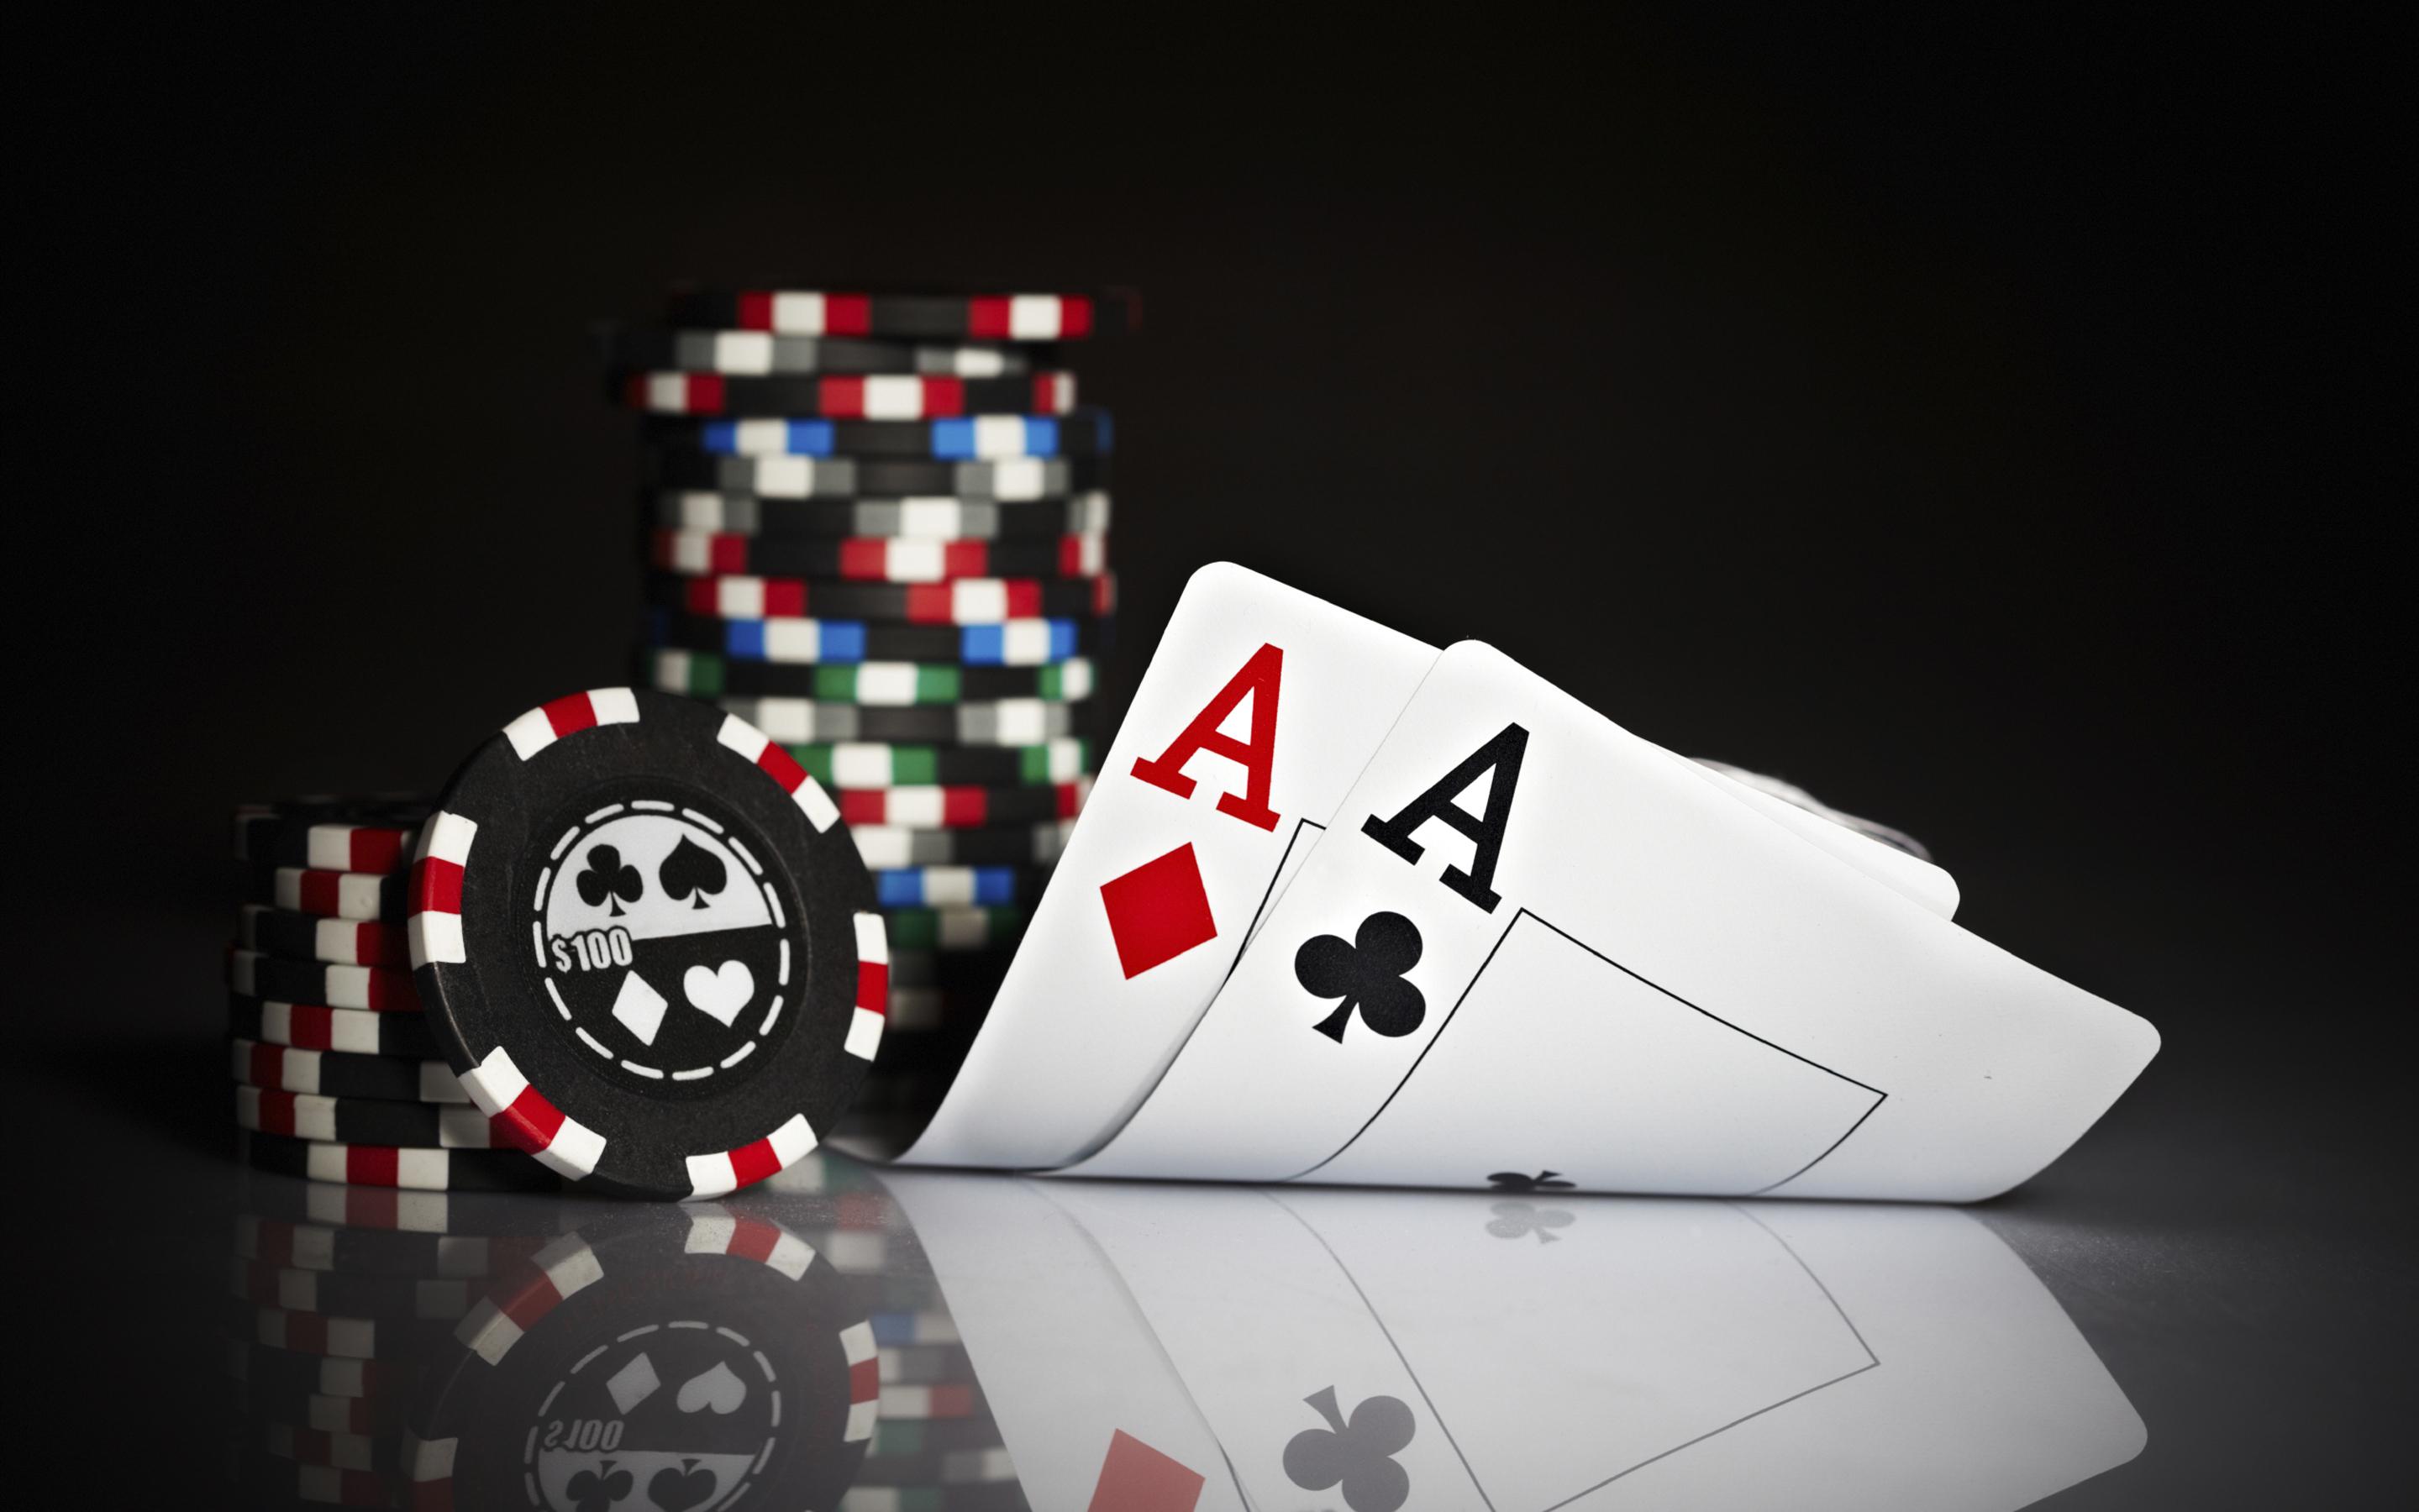 Mengenal Jenis Permainan Capsa Pada Situs Poker Online